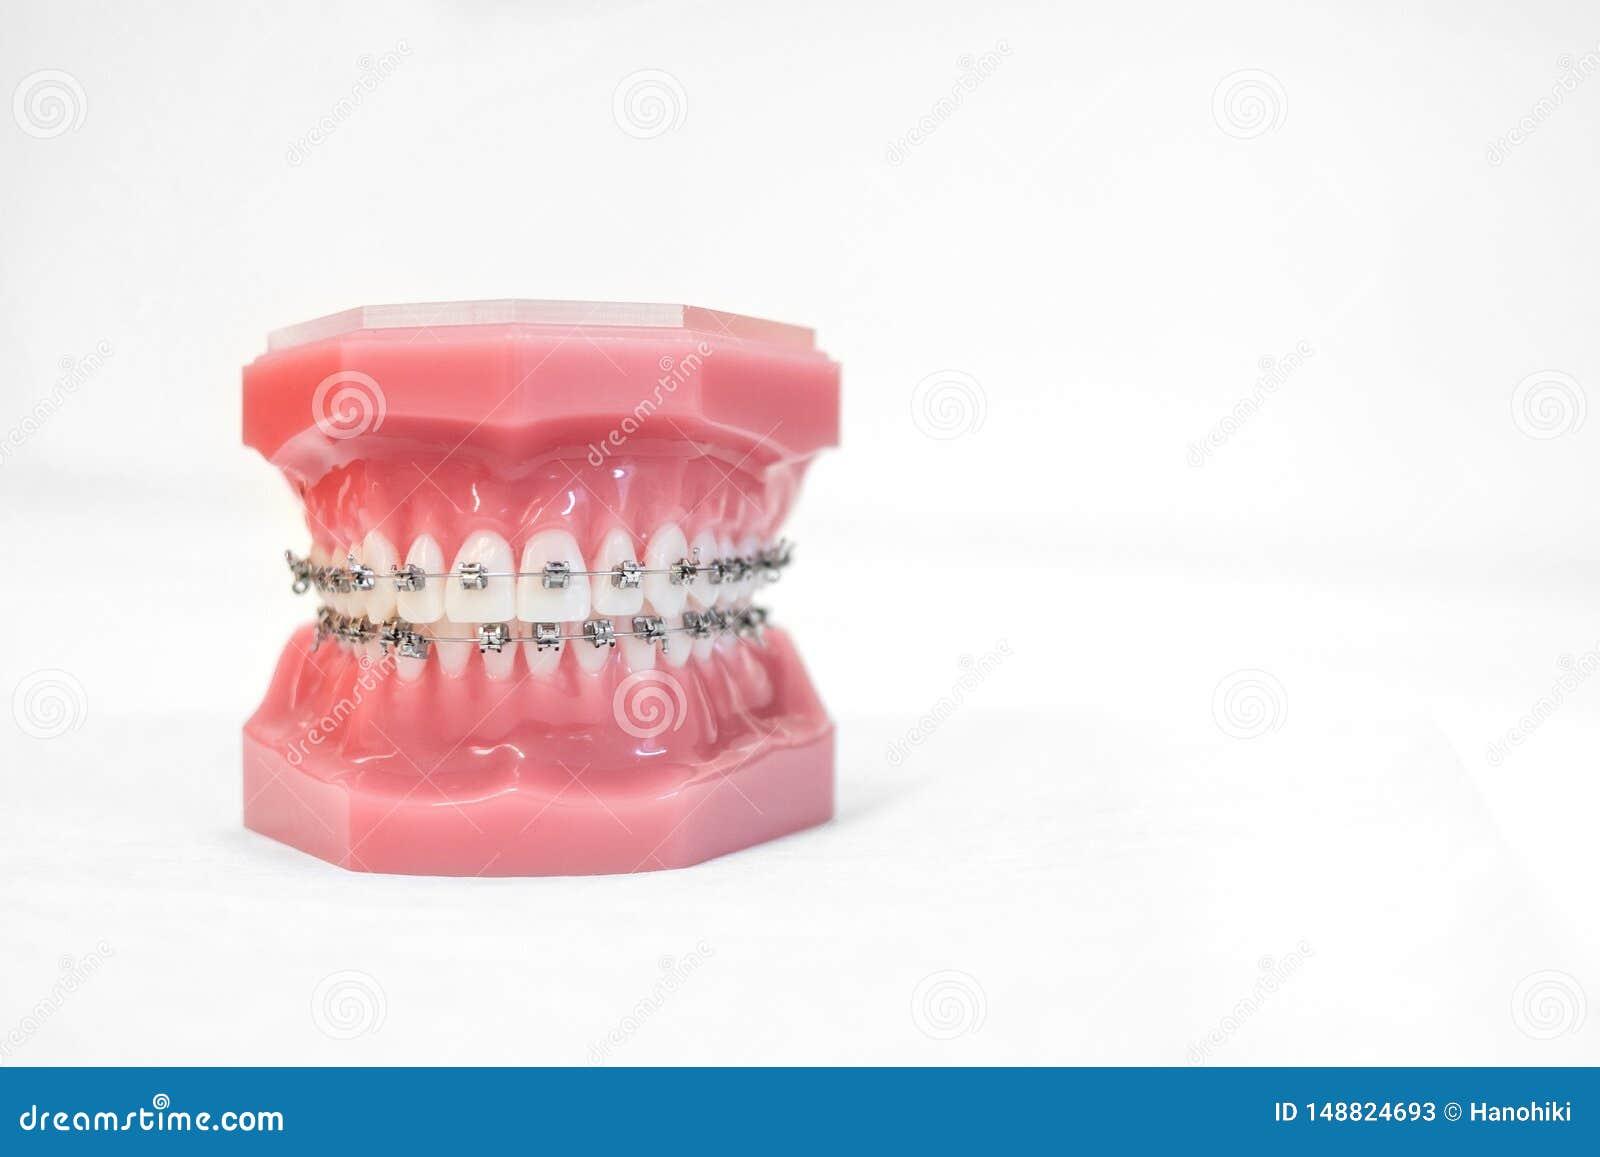 Cintas no modelo dos dentes do suporte ou da cinta ortodôntica